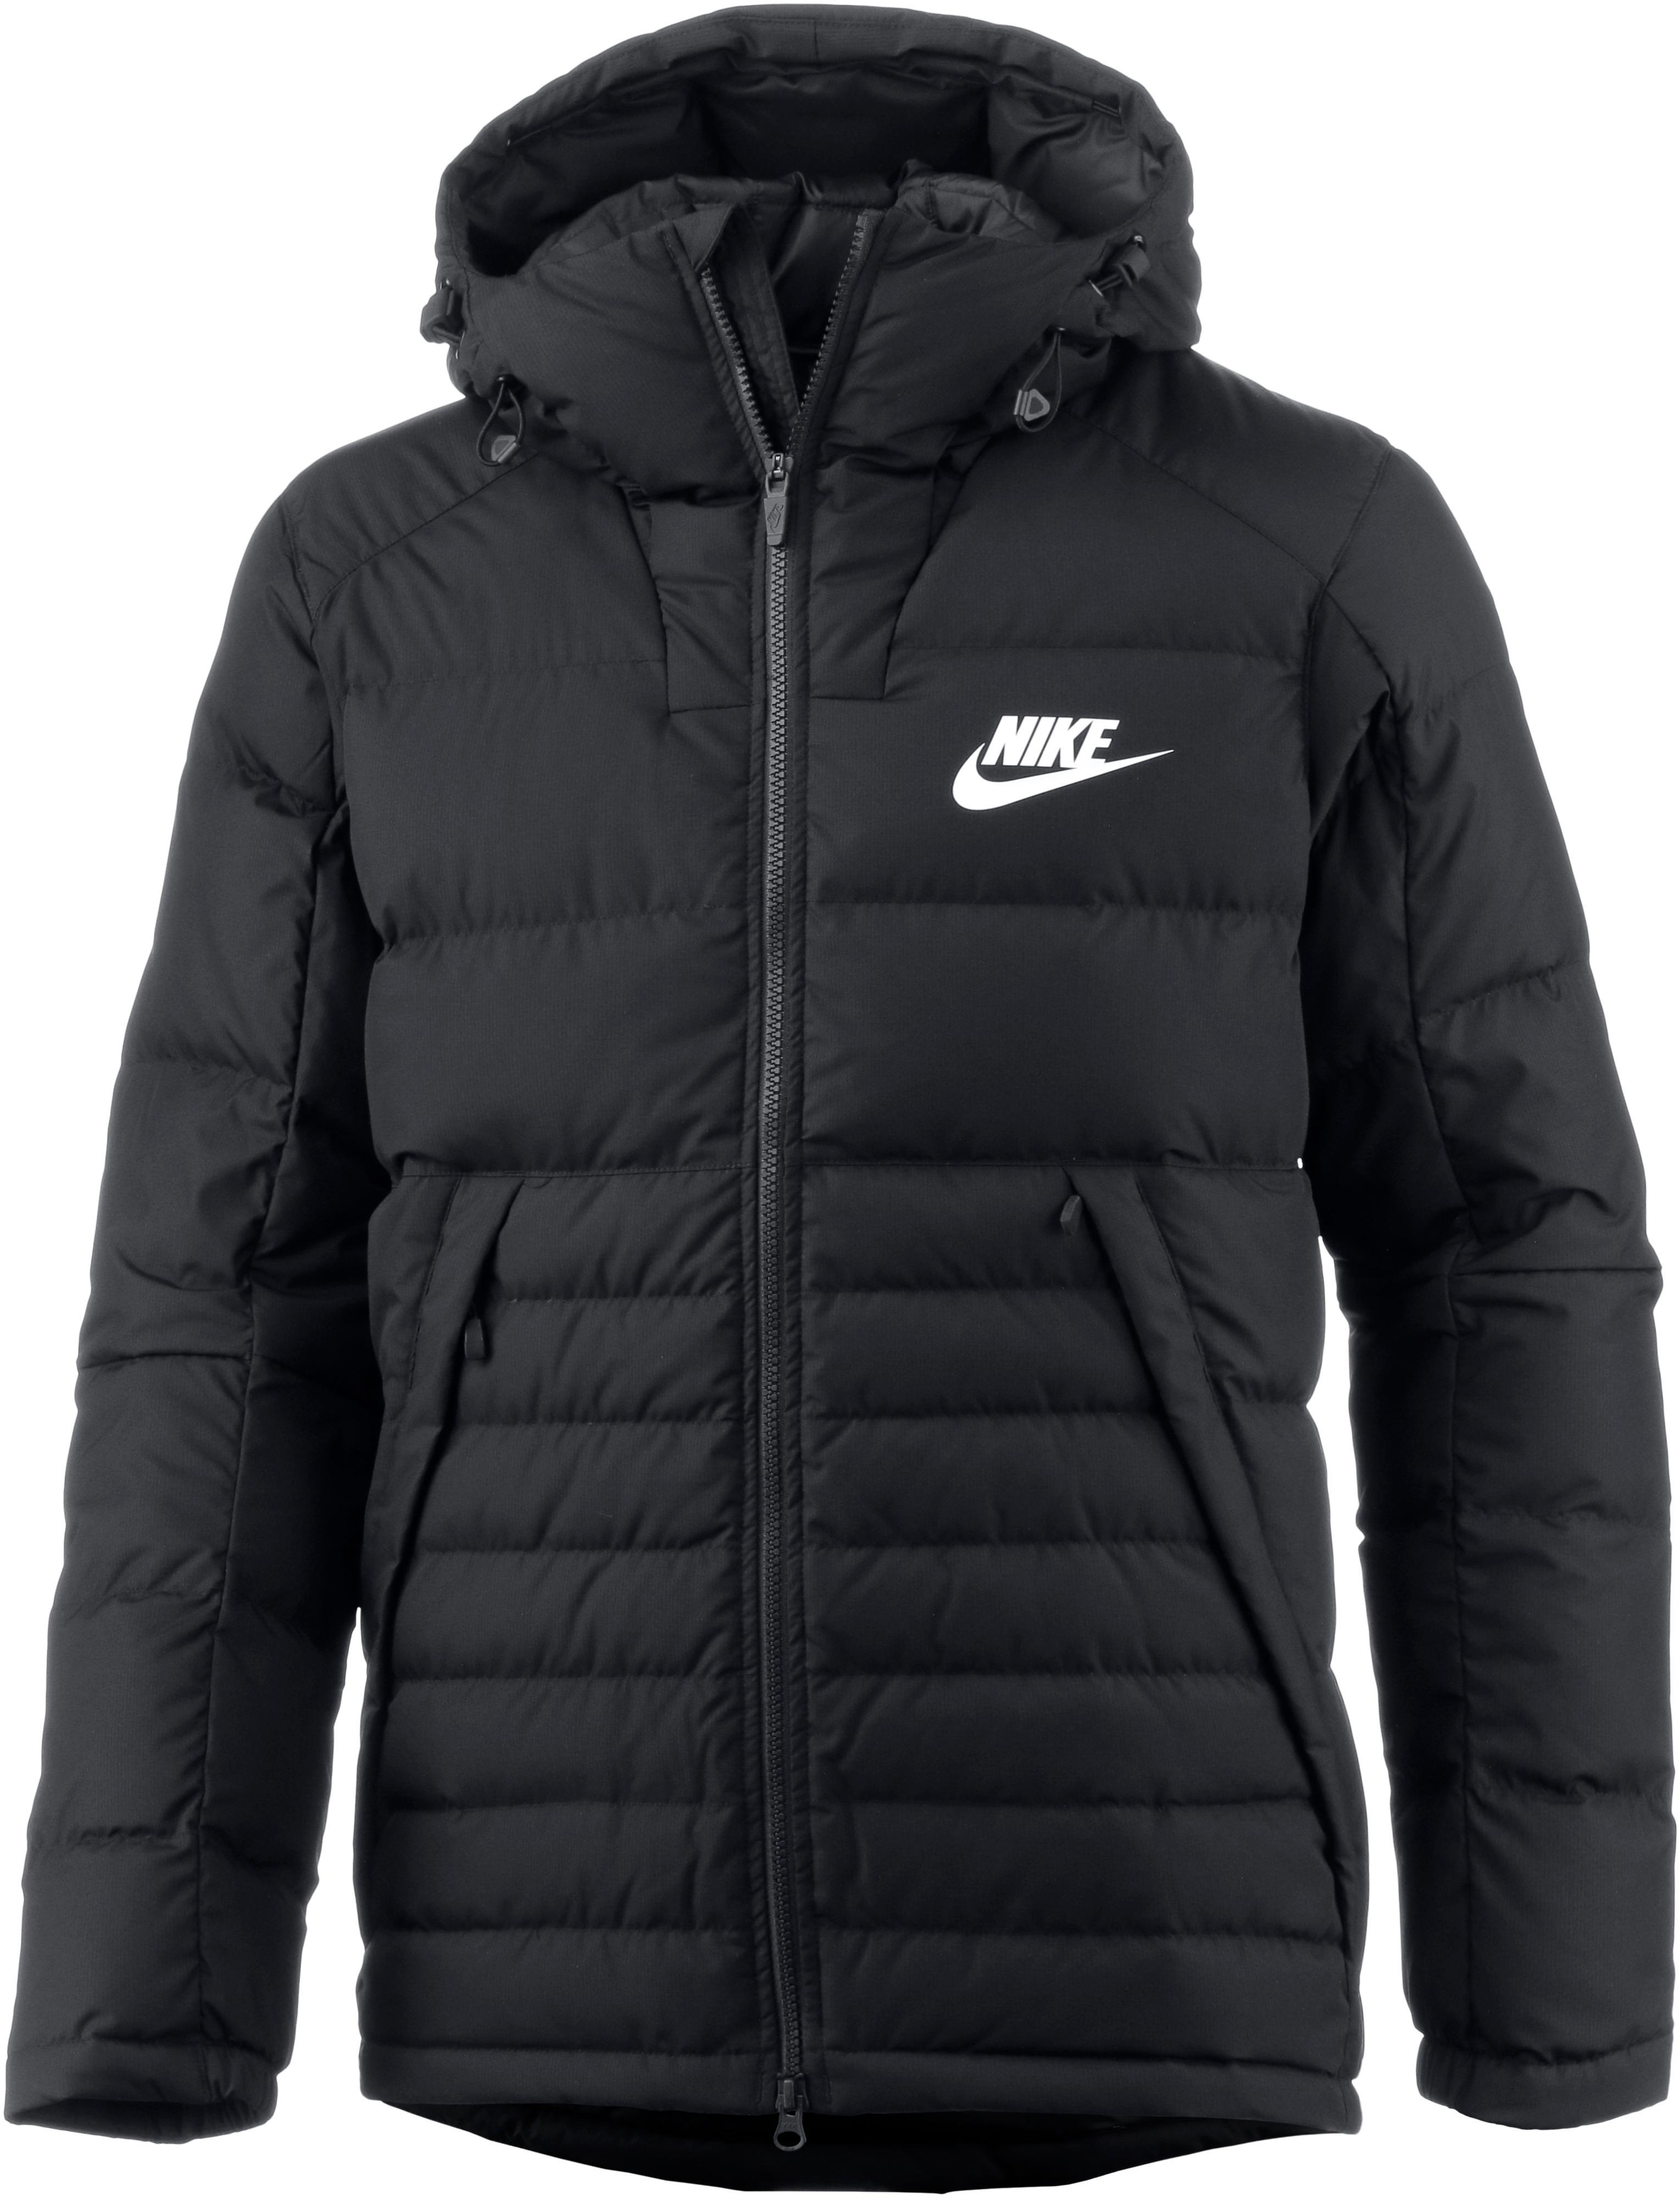 Nike Daunenjacke Herren black white im Online Shop von SportScheck kaufen